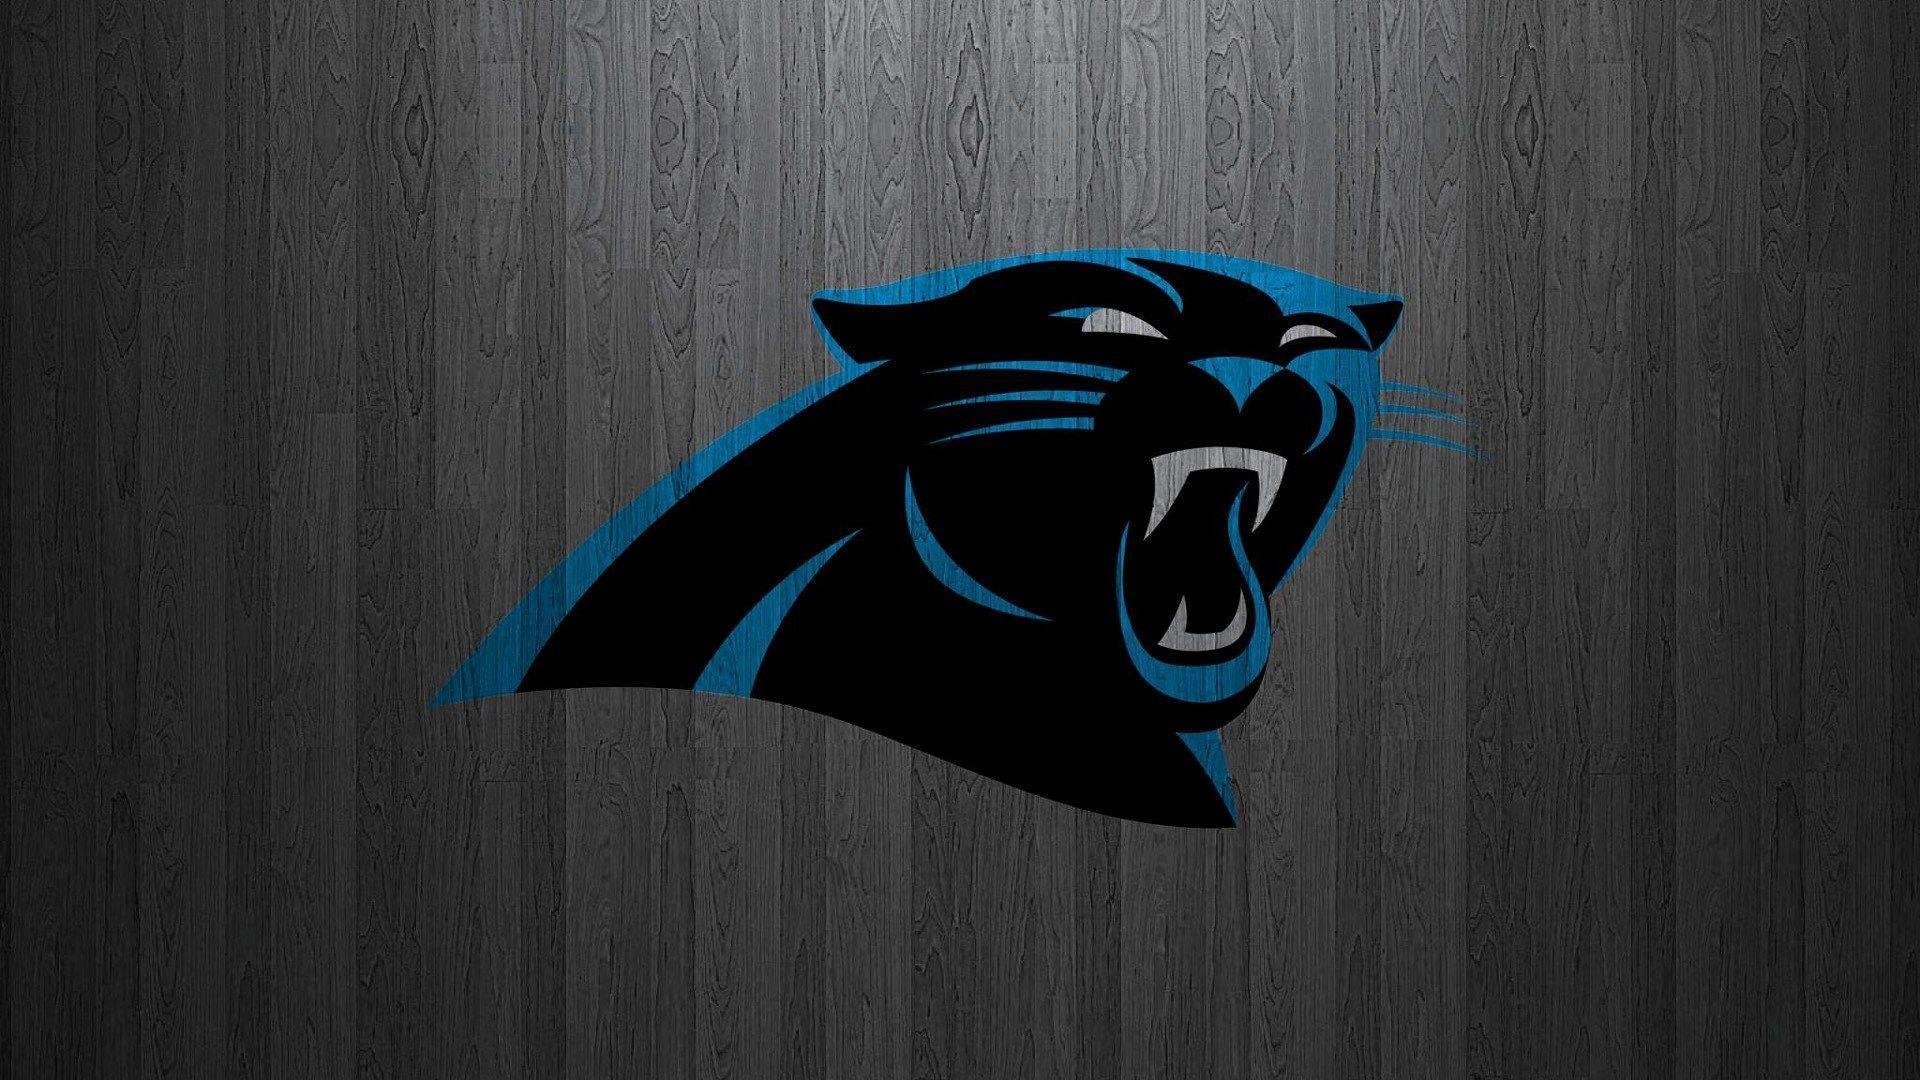 Carolina Panthers 2018 Wallpapers - Wallpaper Cave